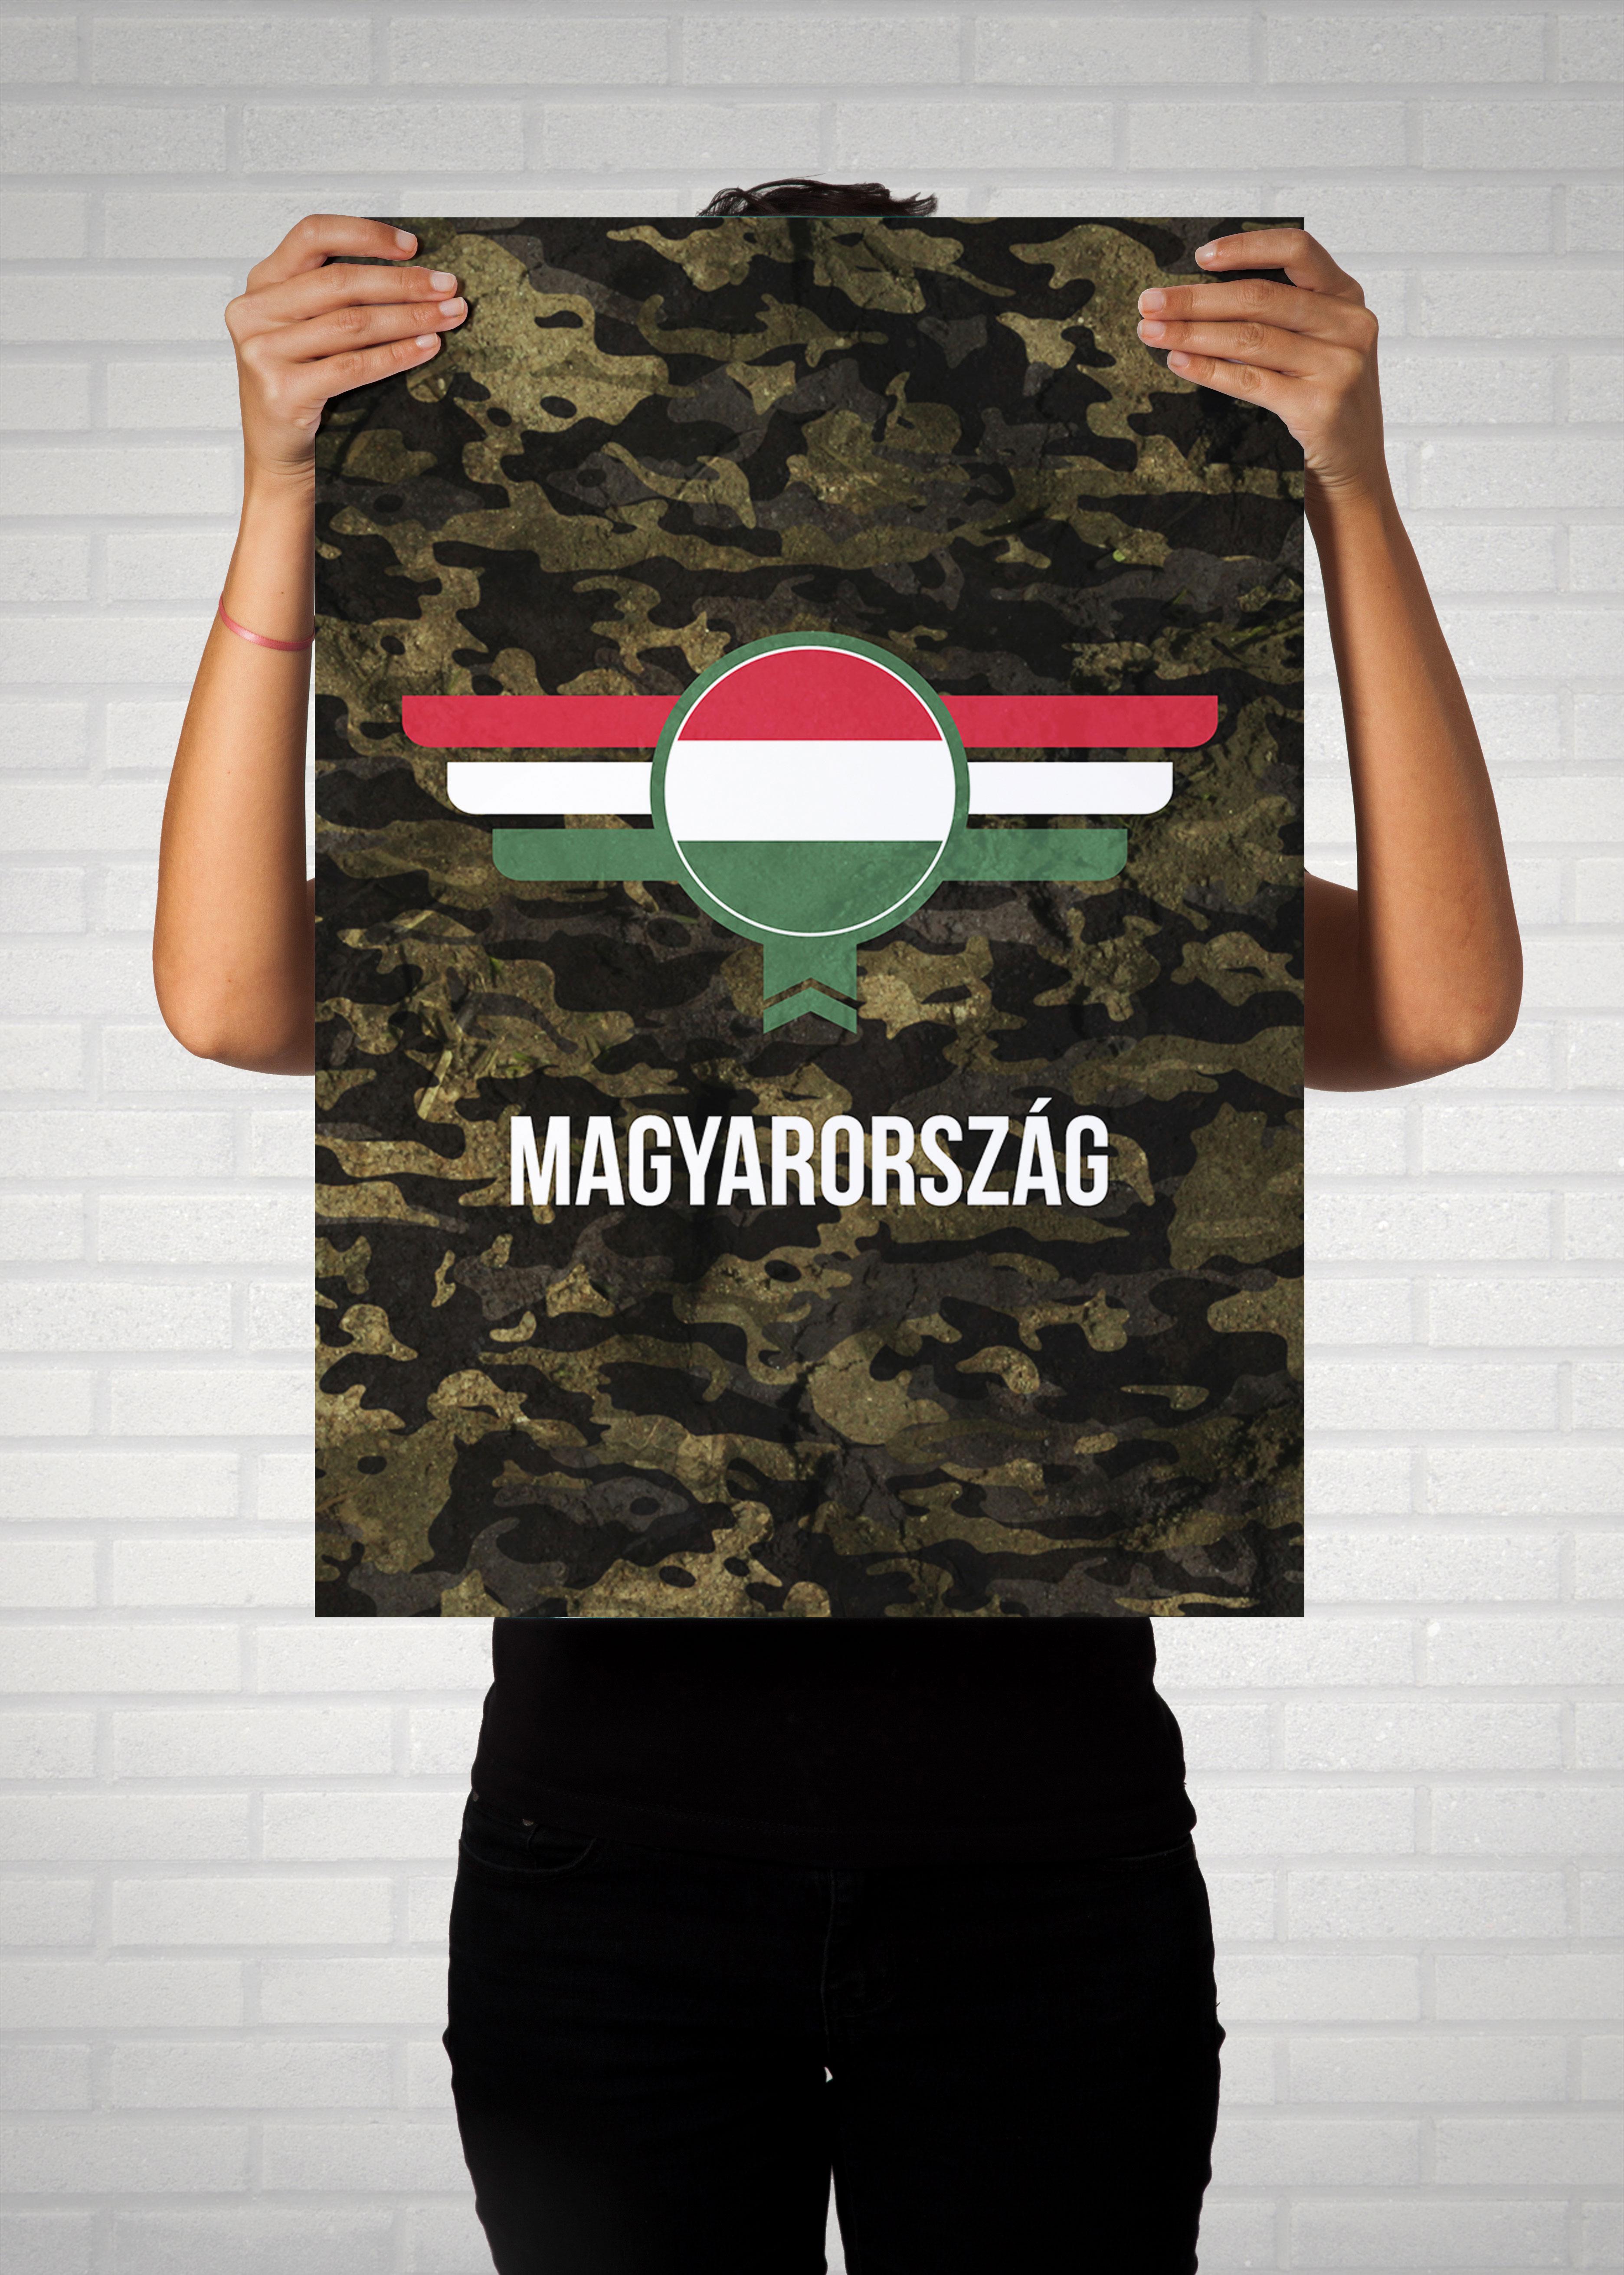 Ungarn Magyarország Camouflage mit Schriftzug - Poster